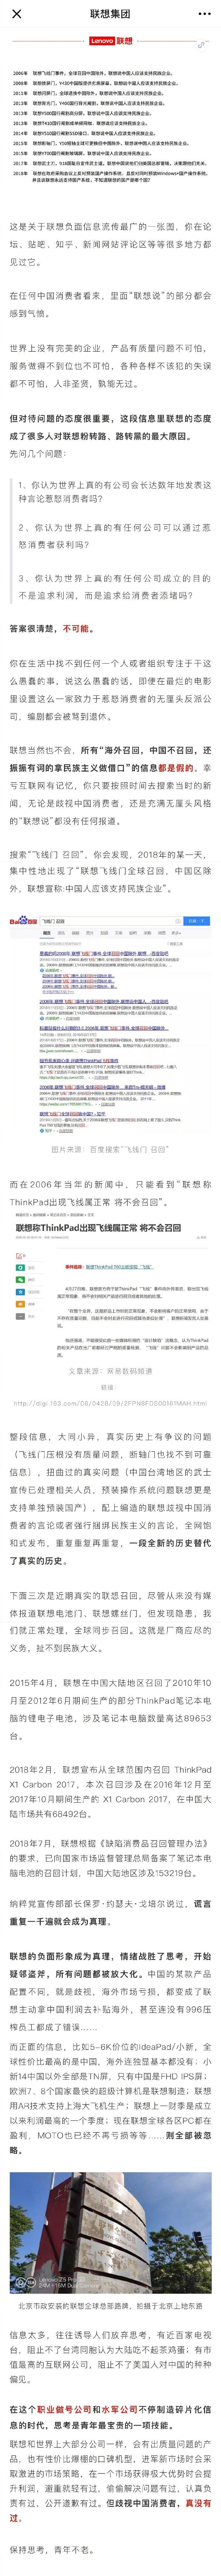 联想发长文回应一切:歧视中国消费者,真没有过的照片 - 2